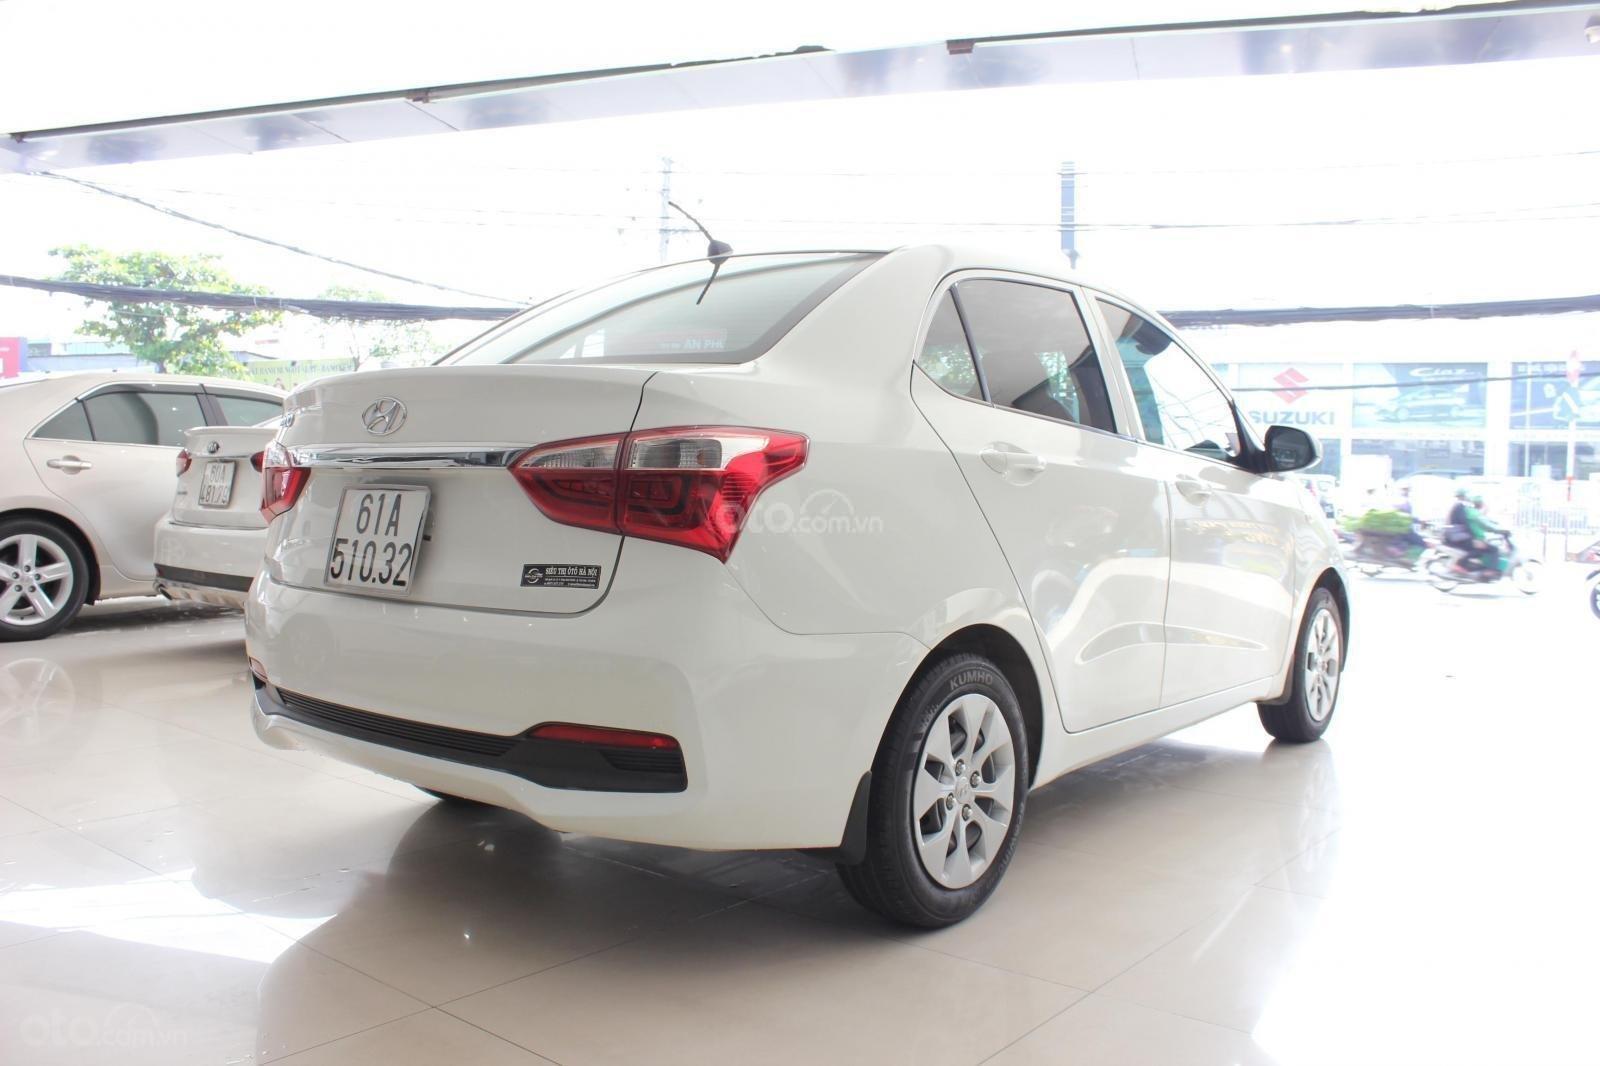 Bán xe Hyundai Grand i10 đời 2018, màu trắng, 335 triệu (9)